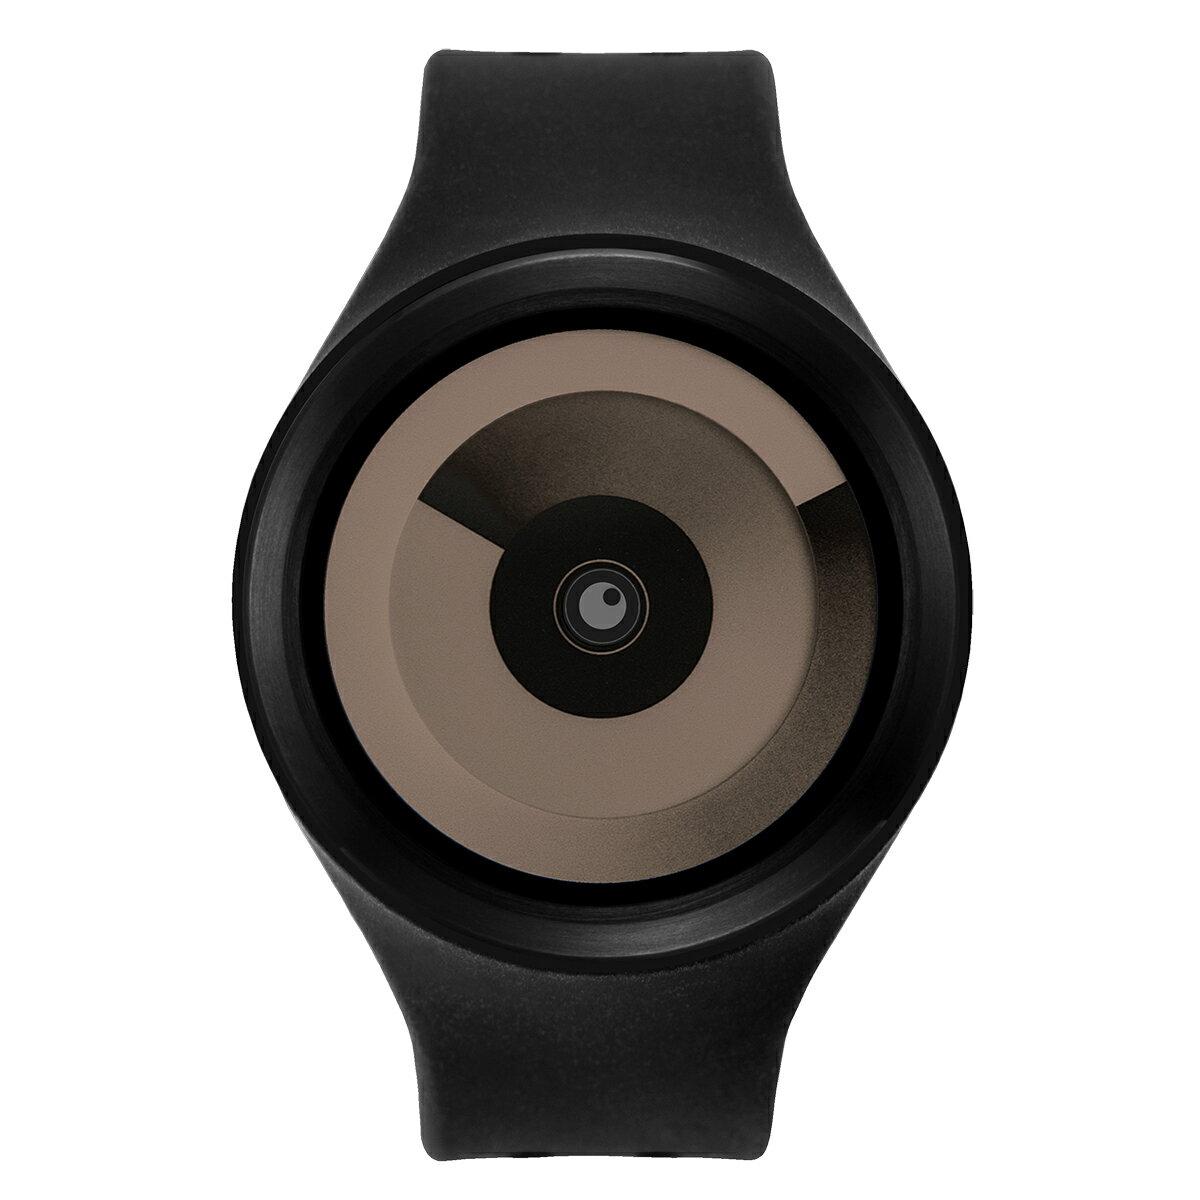 ZEROO SPIRAL GALAXY ゼロ 電池式クォーツ 腕時計 [W00605B03SR02] ブラック デザインウォッチ ペア用 メンズ レディース ユニセックス おしゃれ時計 デザイナーズ